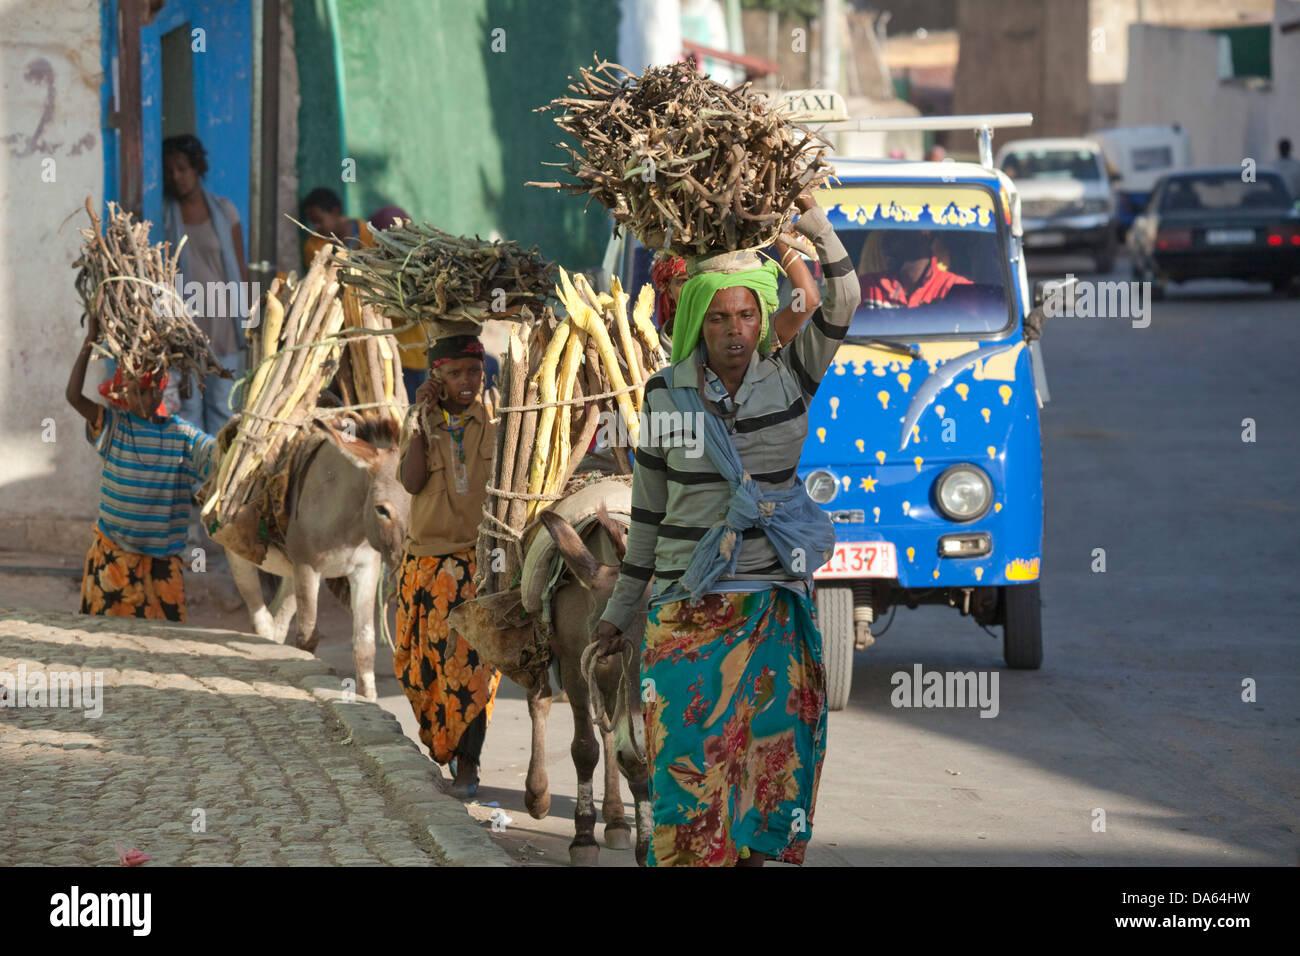 Legno, trasporti, Harar, Etiopia, UNESCO del patrimonio culturale mondiale, Africa, città, asini Immagini Stock